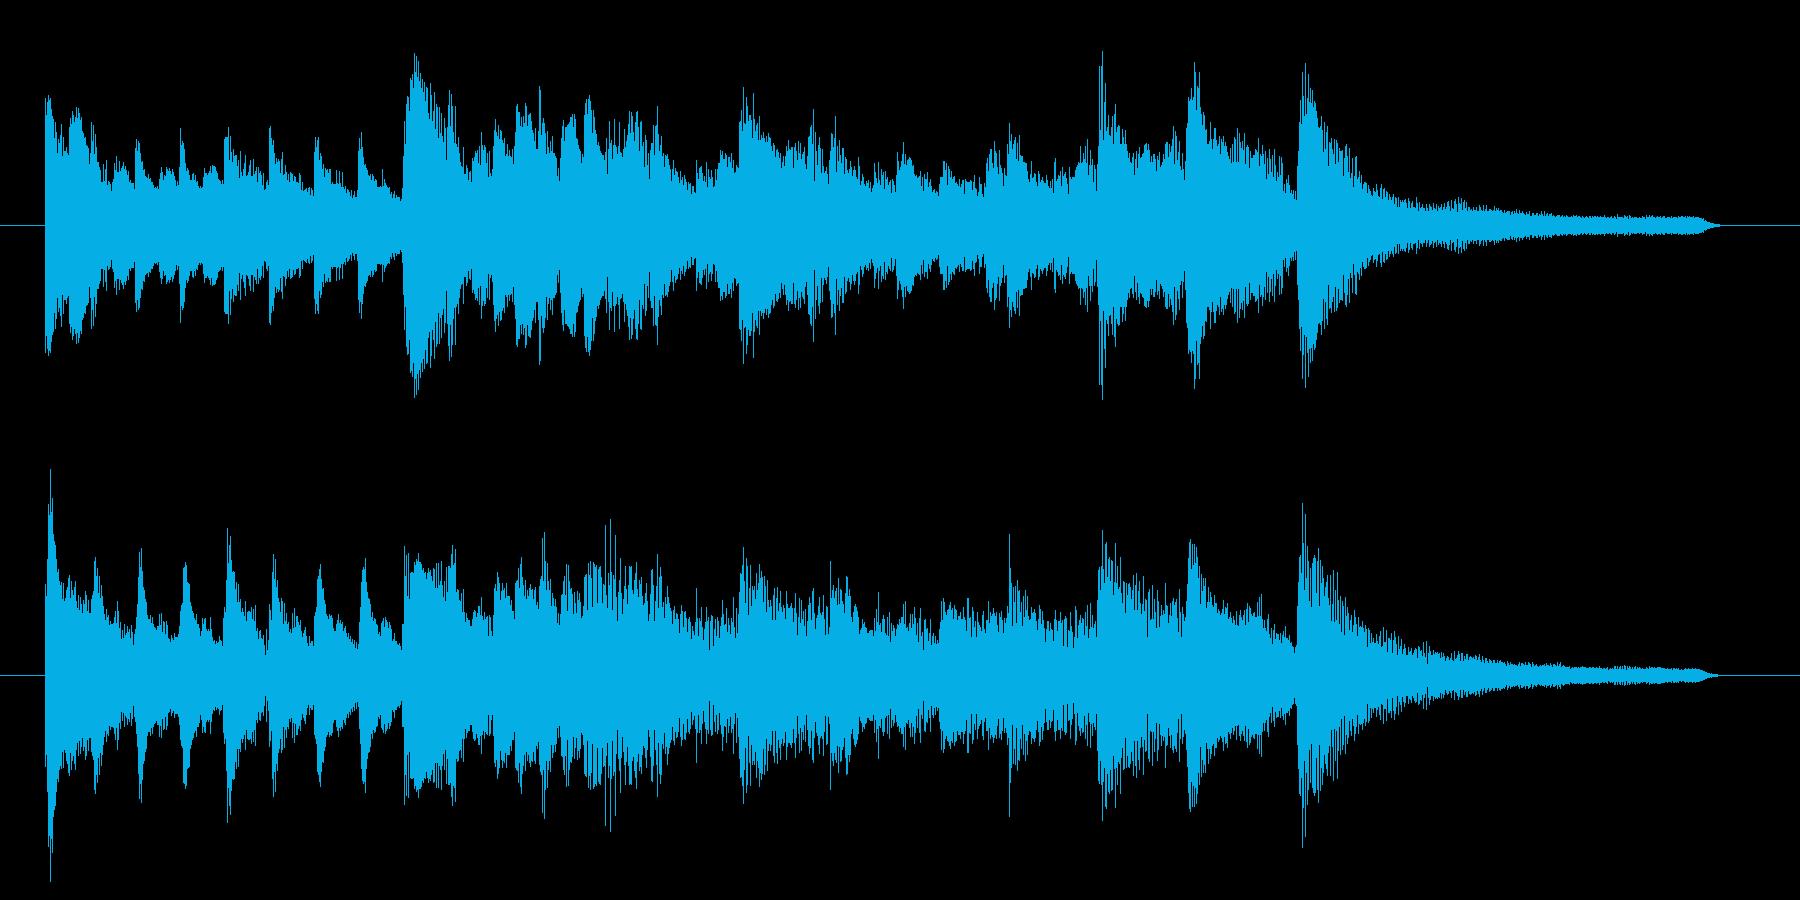 オープニングわくわくが始まるようなピアノの再生済みの波形